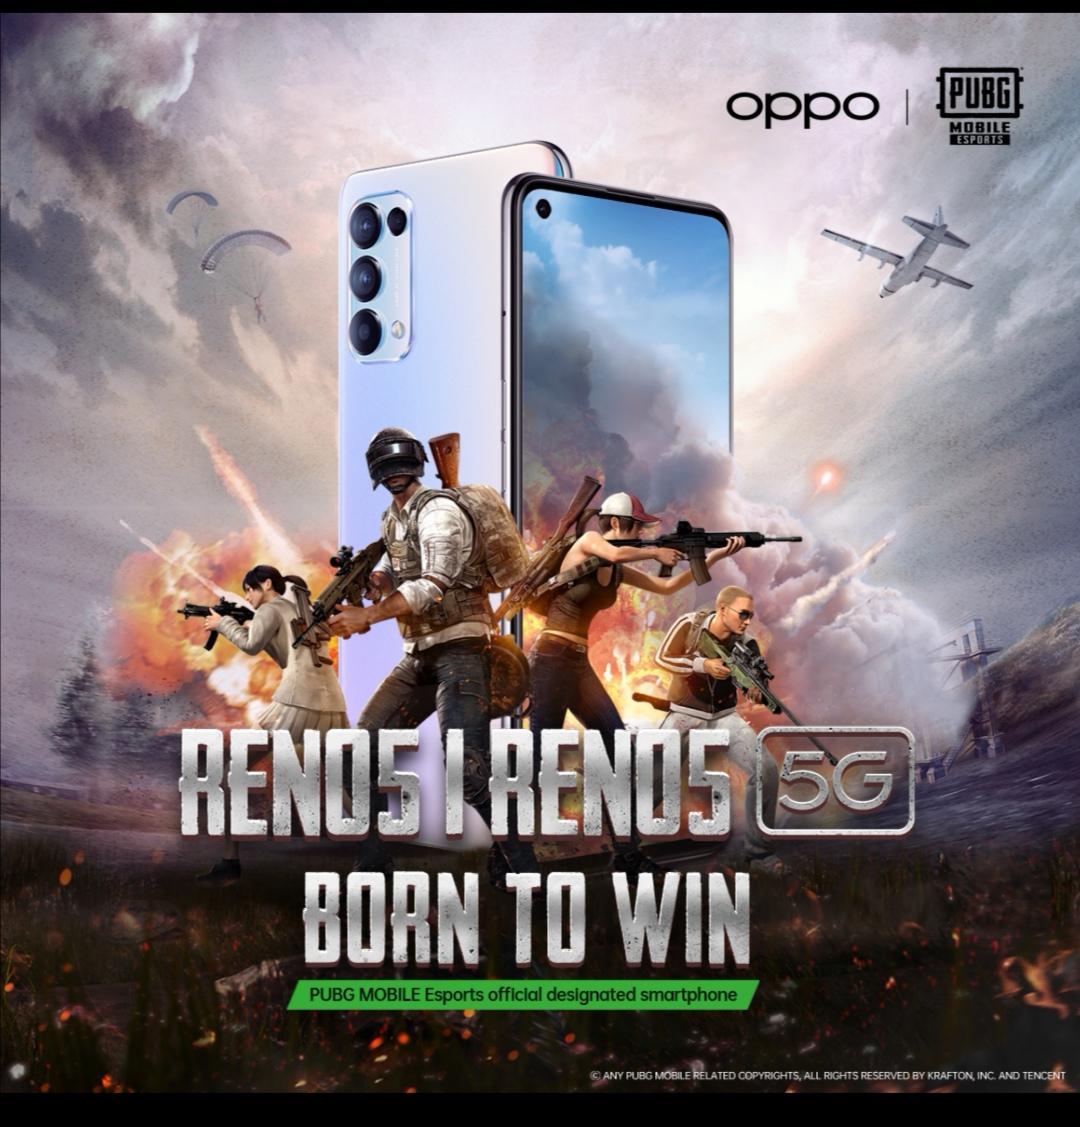 اختيار سلسلة هواتف OPPO Reno5 الهاتف الذكي الرسمي لمنصة الرياضات الإلكترونية PUBG Esports في منطقة الشرق الأوسط وأفريقيا لعام ٢٠٢١